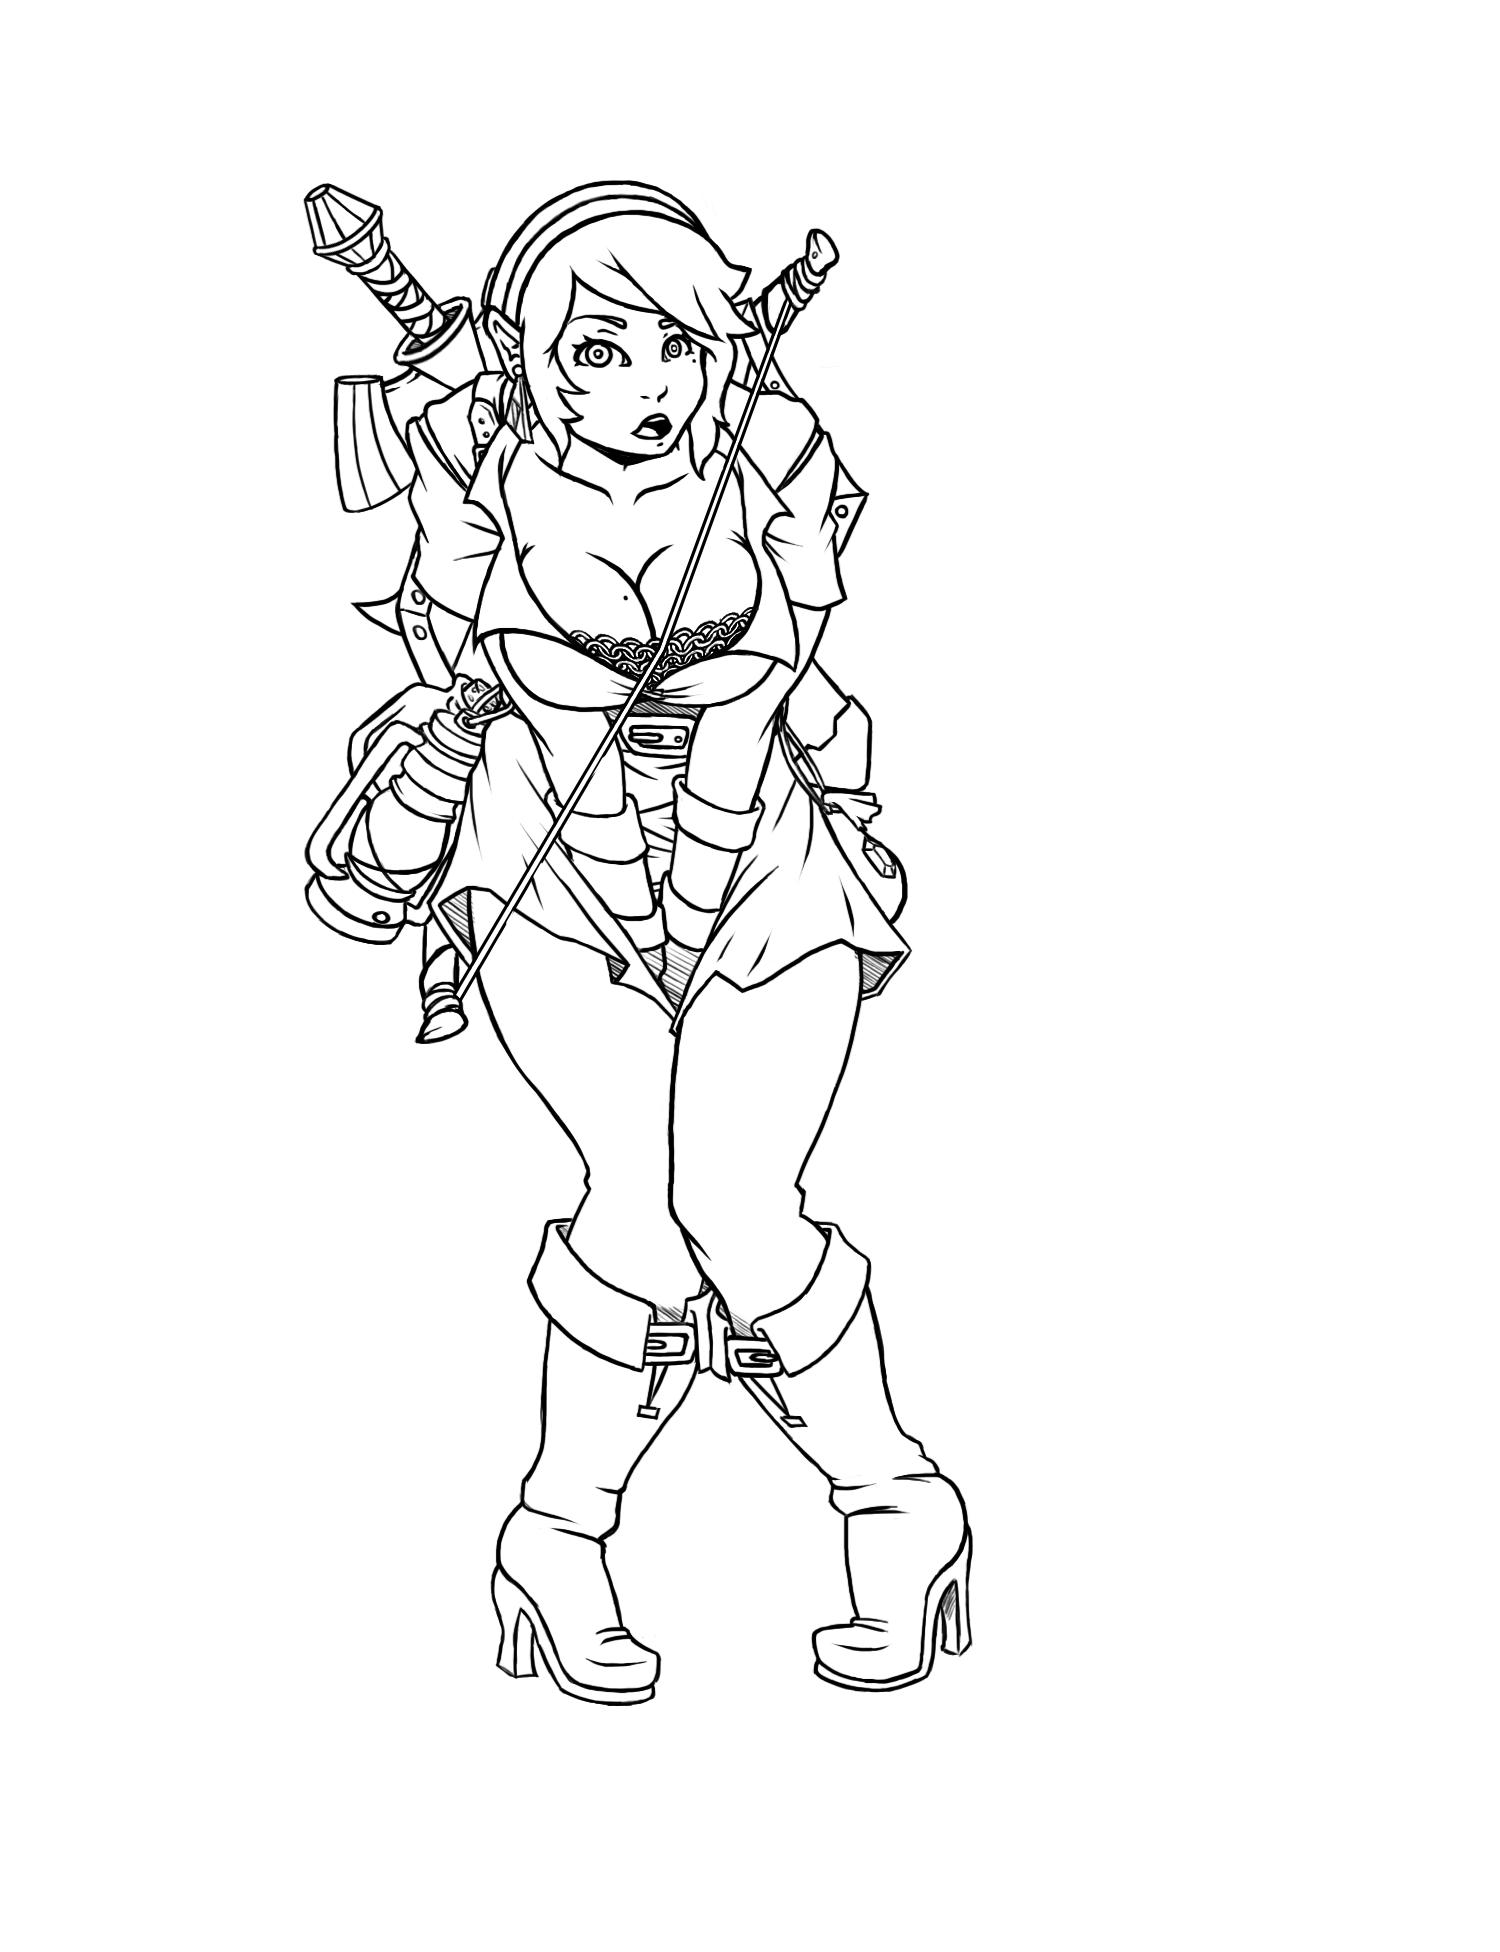 Link Girl line art